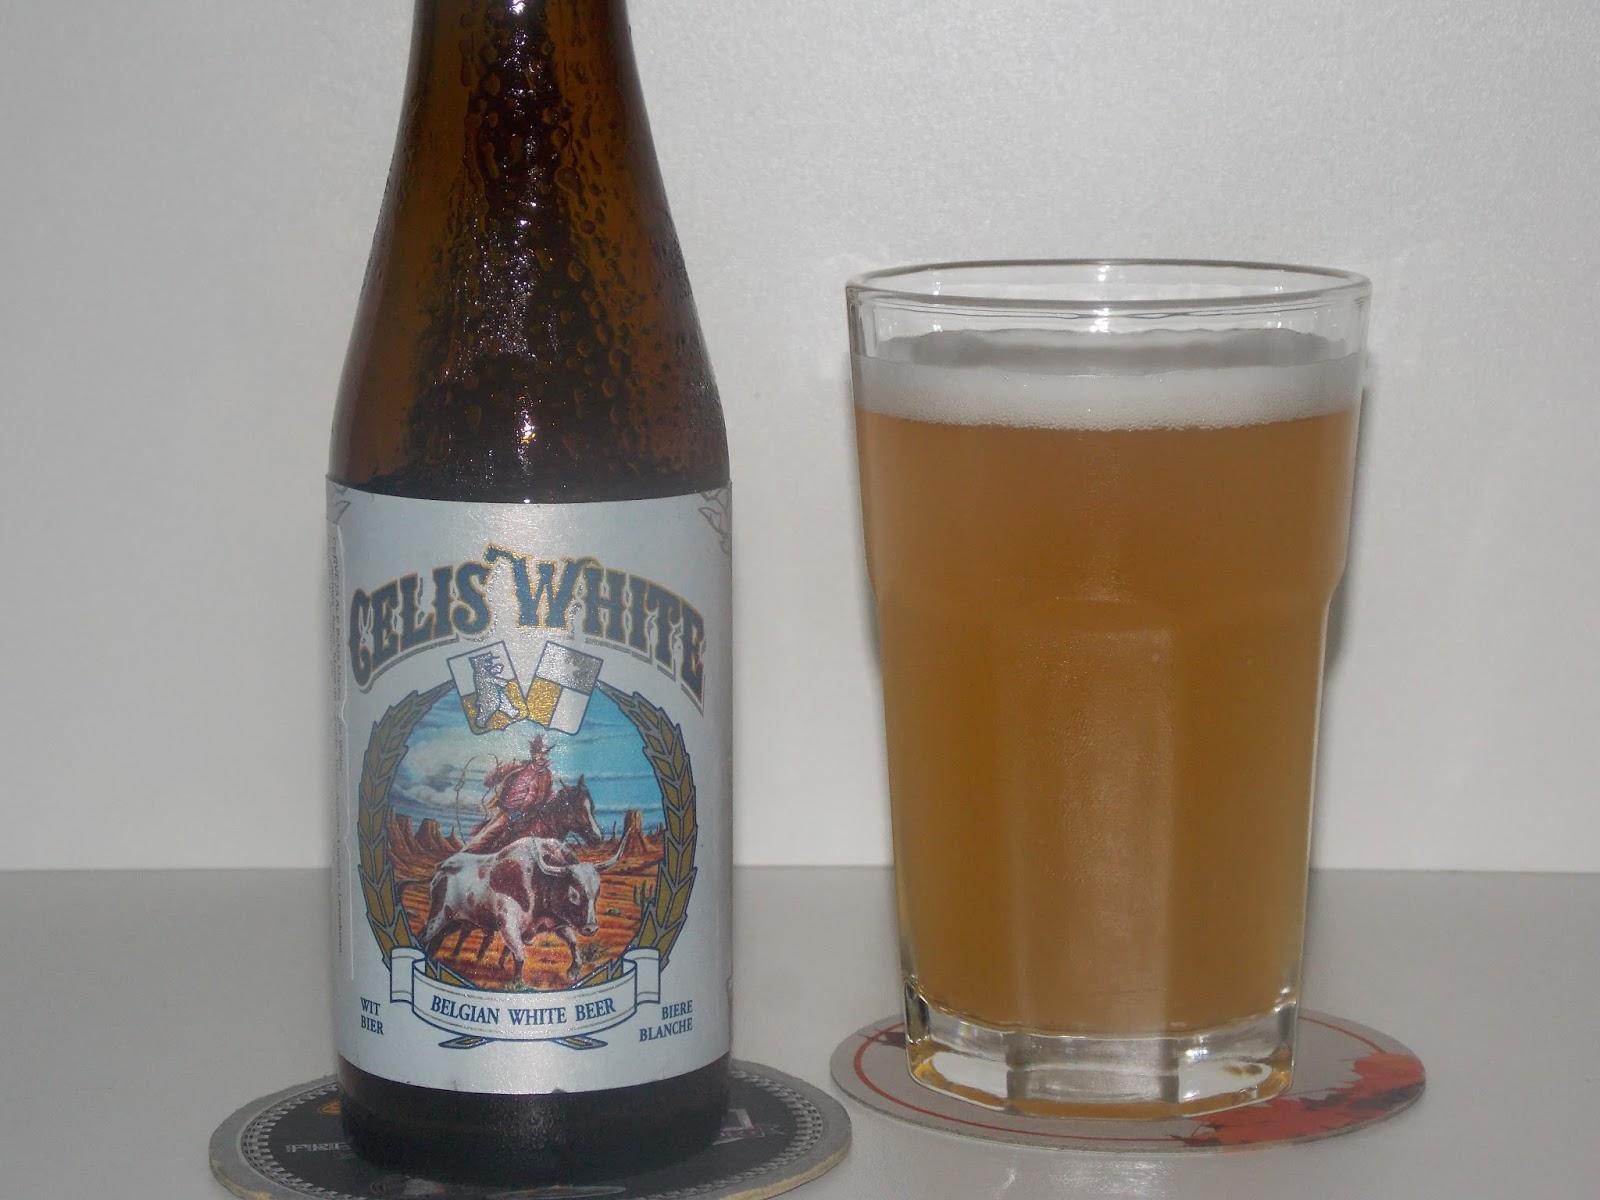 3e4c5be42 A deliciosa cerveja artesanal belga Celis White é uma autêntica Witbier  produzida a partir da receita original de Pierre Celis para a lendária  Hoegaarden, ...